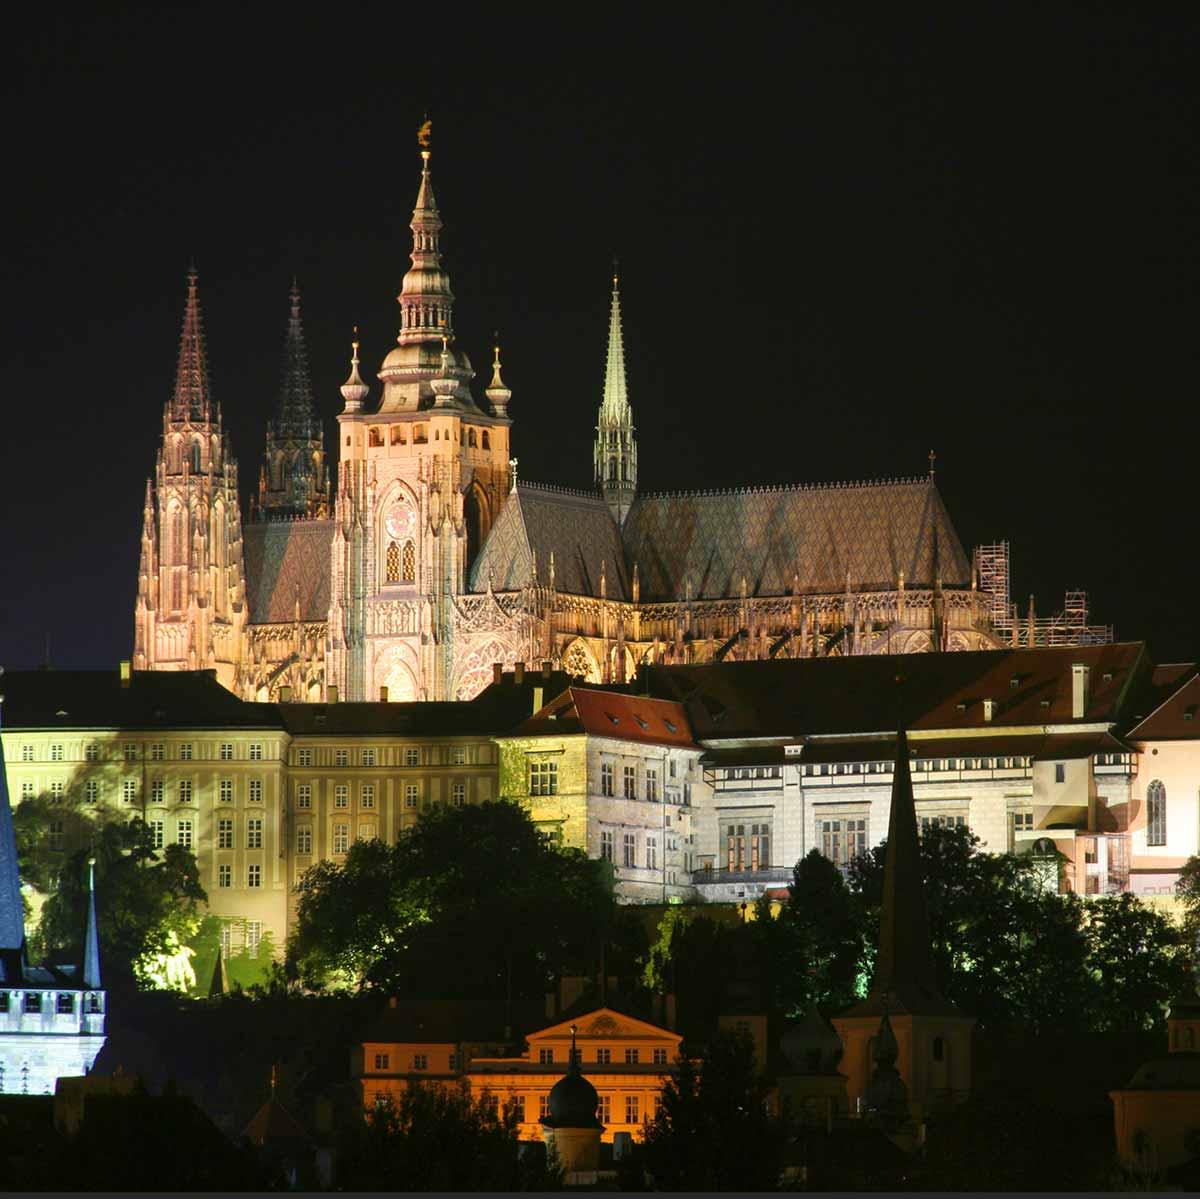 10. Prague Castle